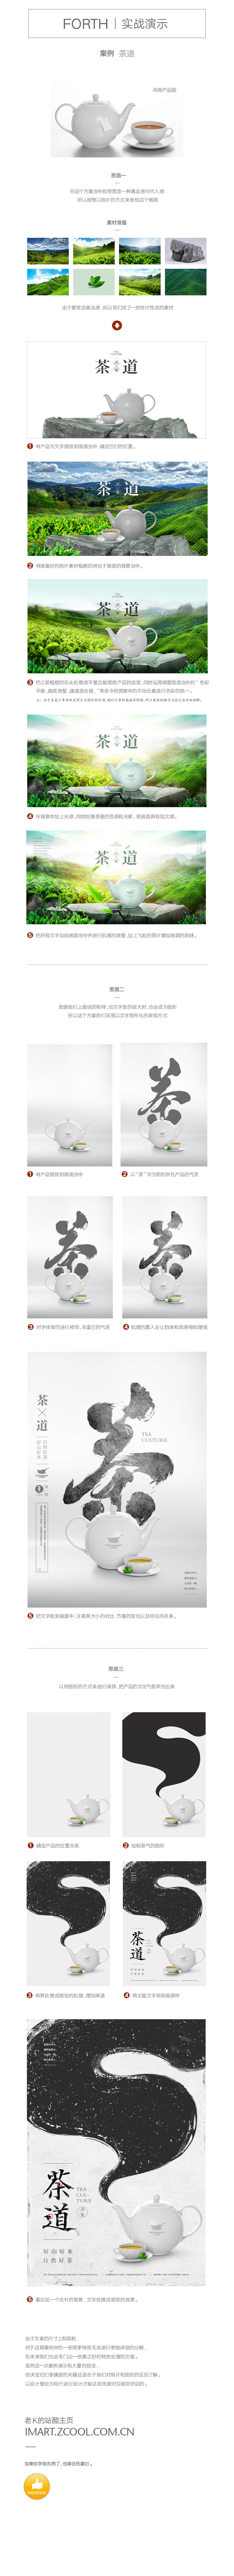 设计当中的图形与照片的区别与应用案例